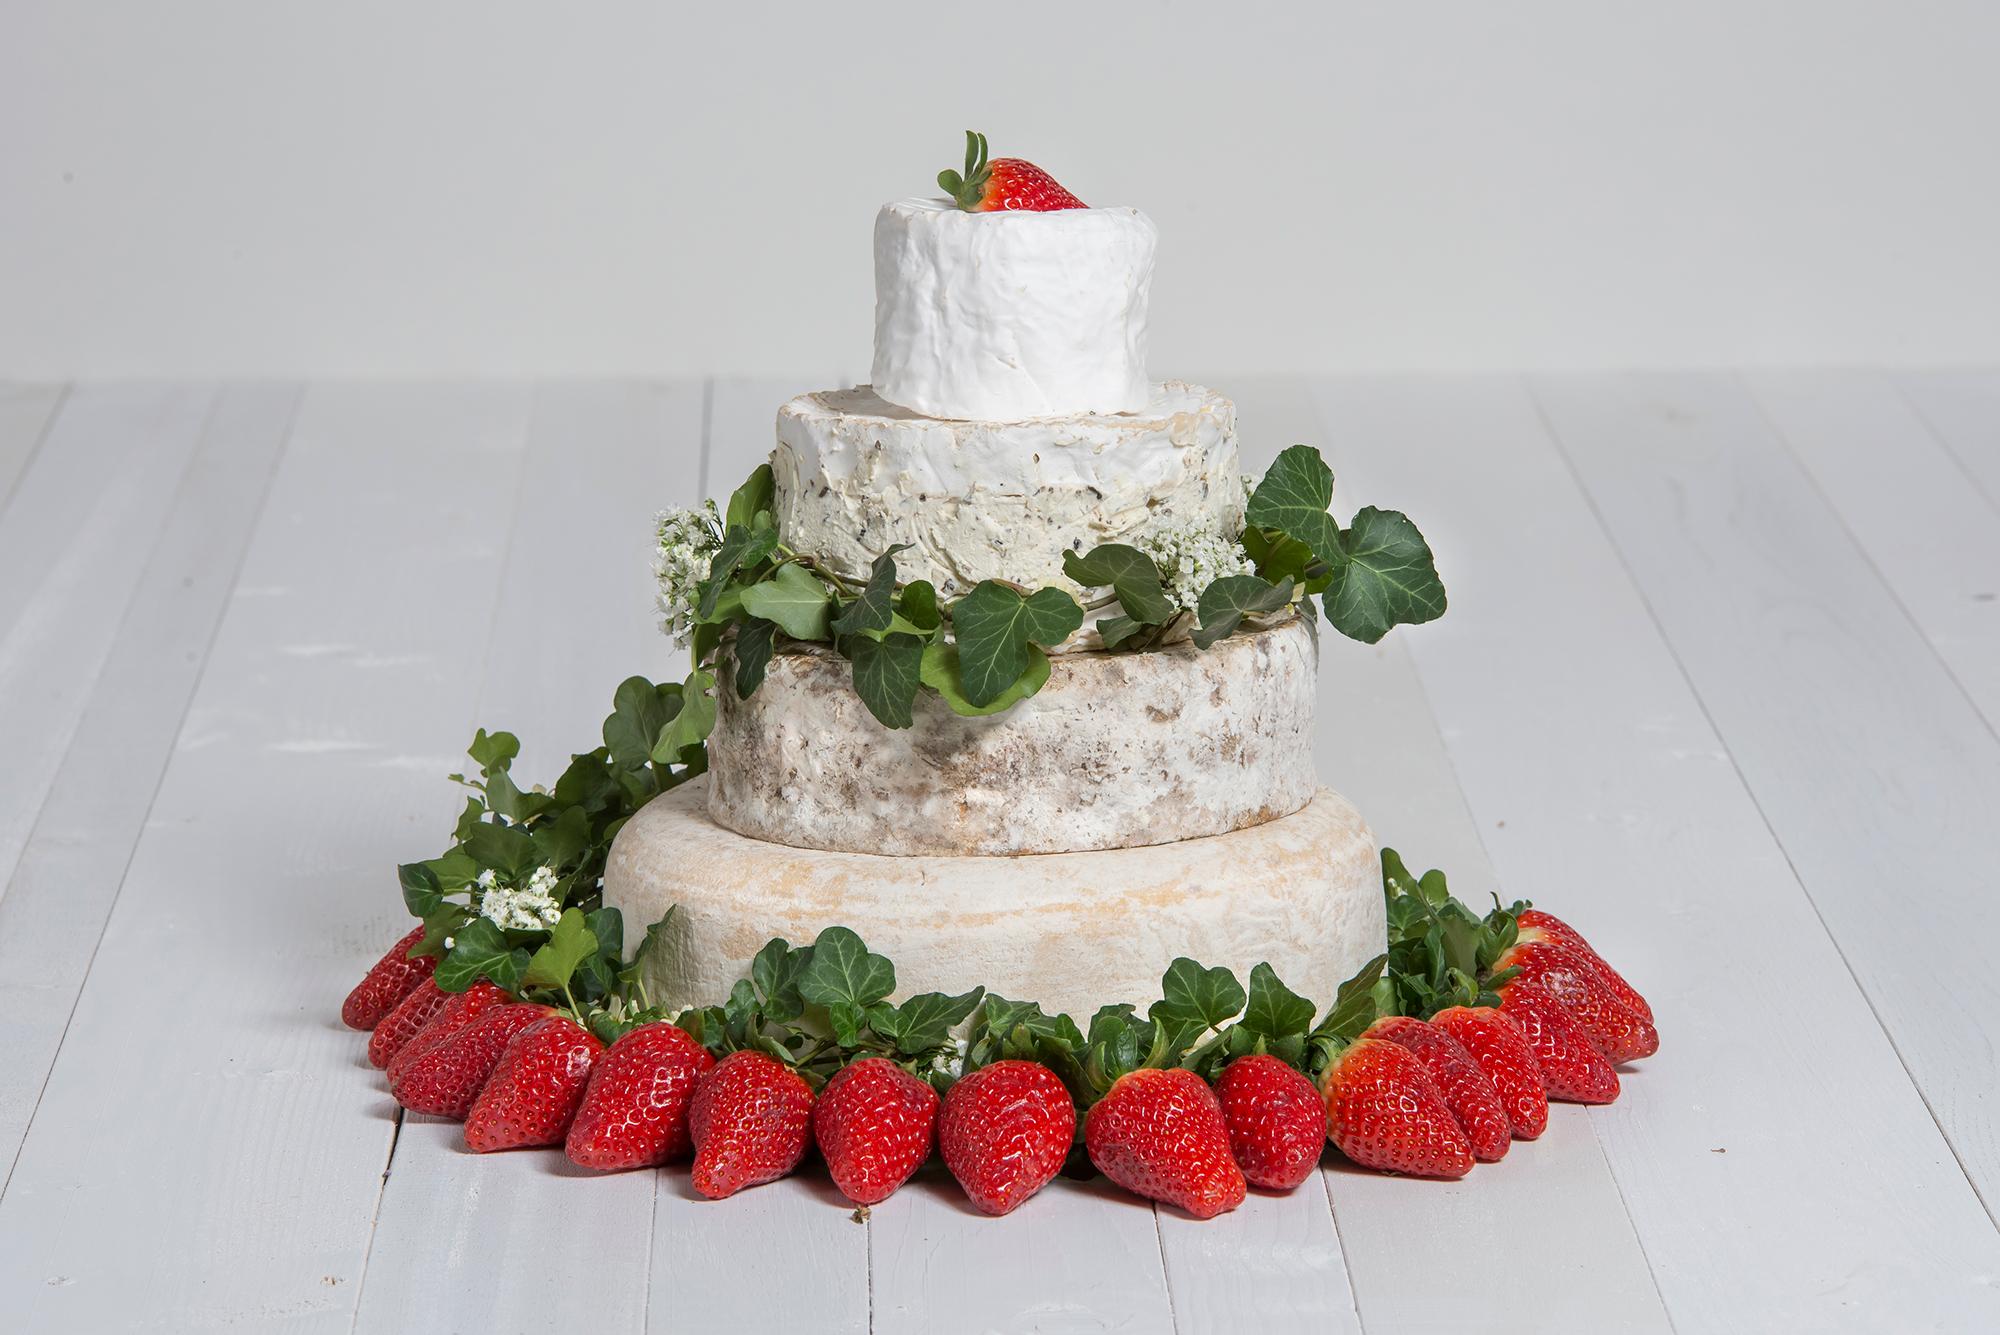 Kase Hochzeitstorten Cheese Wedding Cakes Online Bestellen